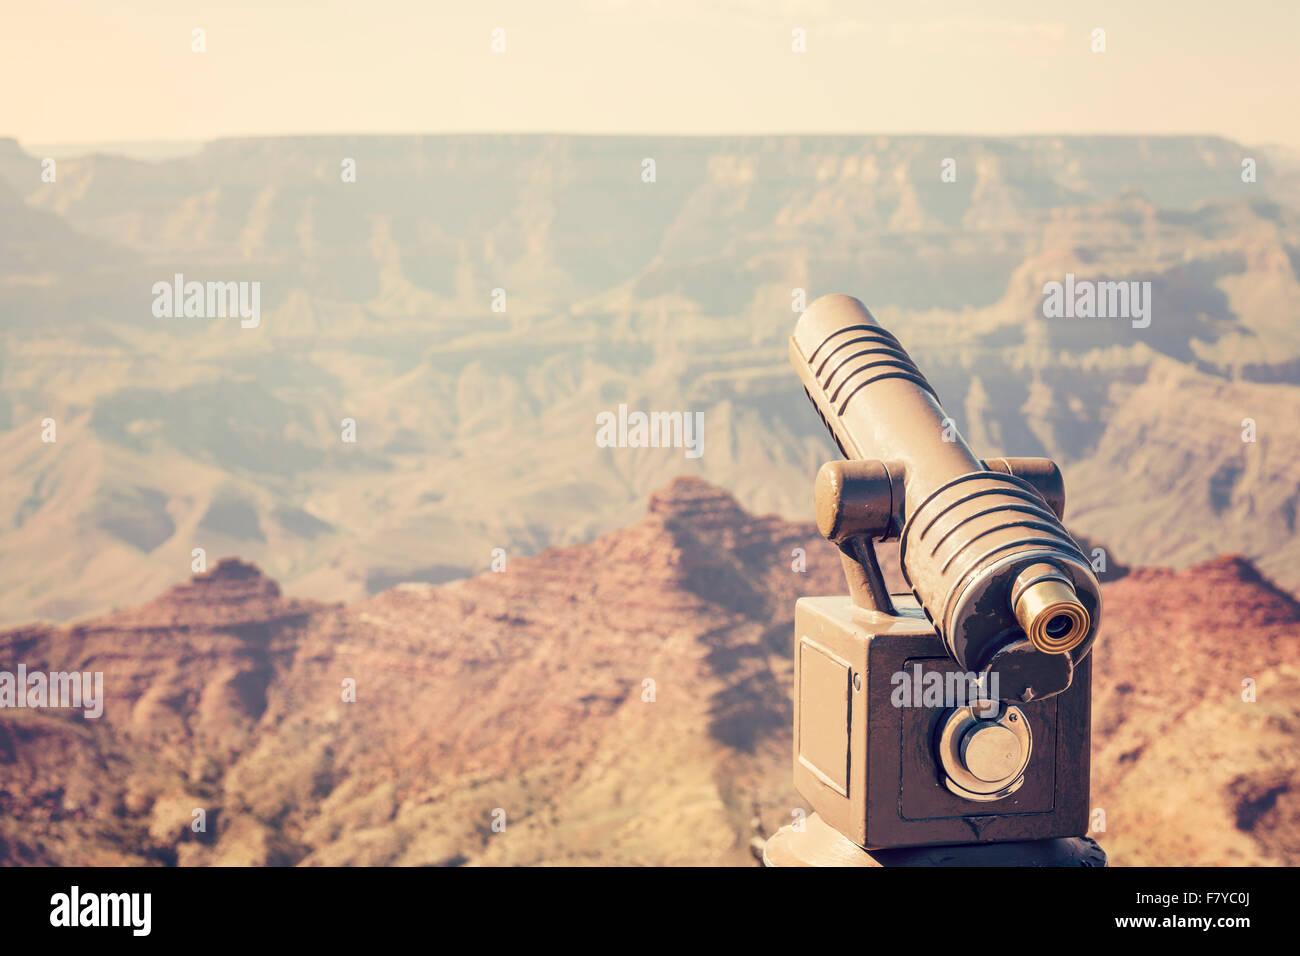 Telescopio tonos retro señaló al Gran Cañón, en concepto de viajes, EE.UU.. Imagen De Stock